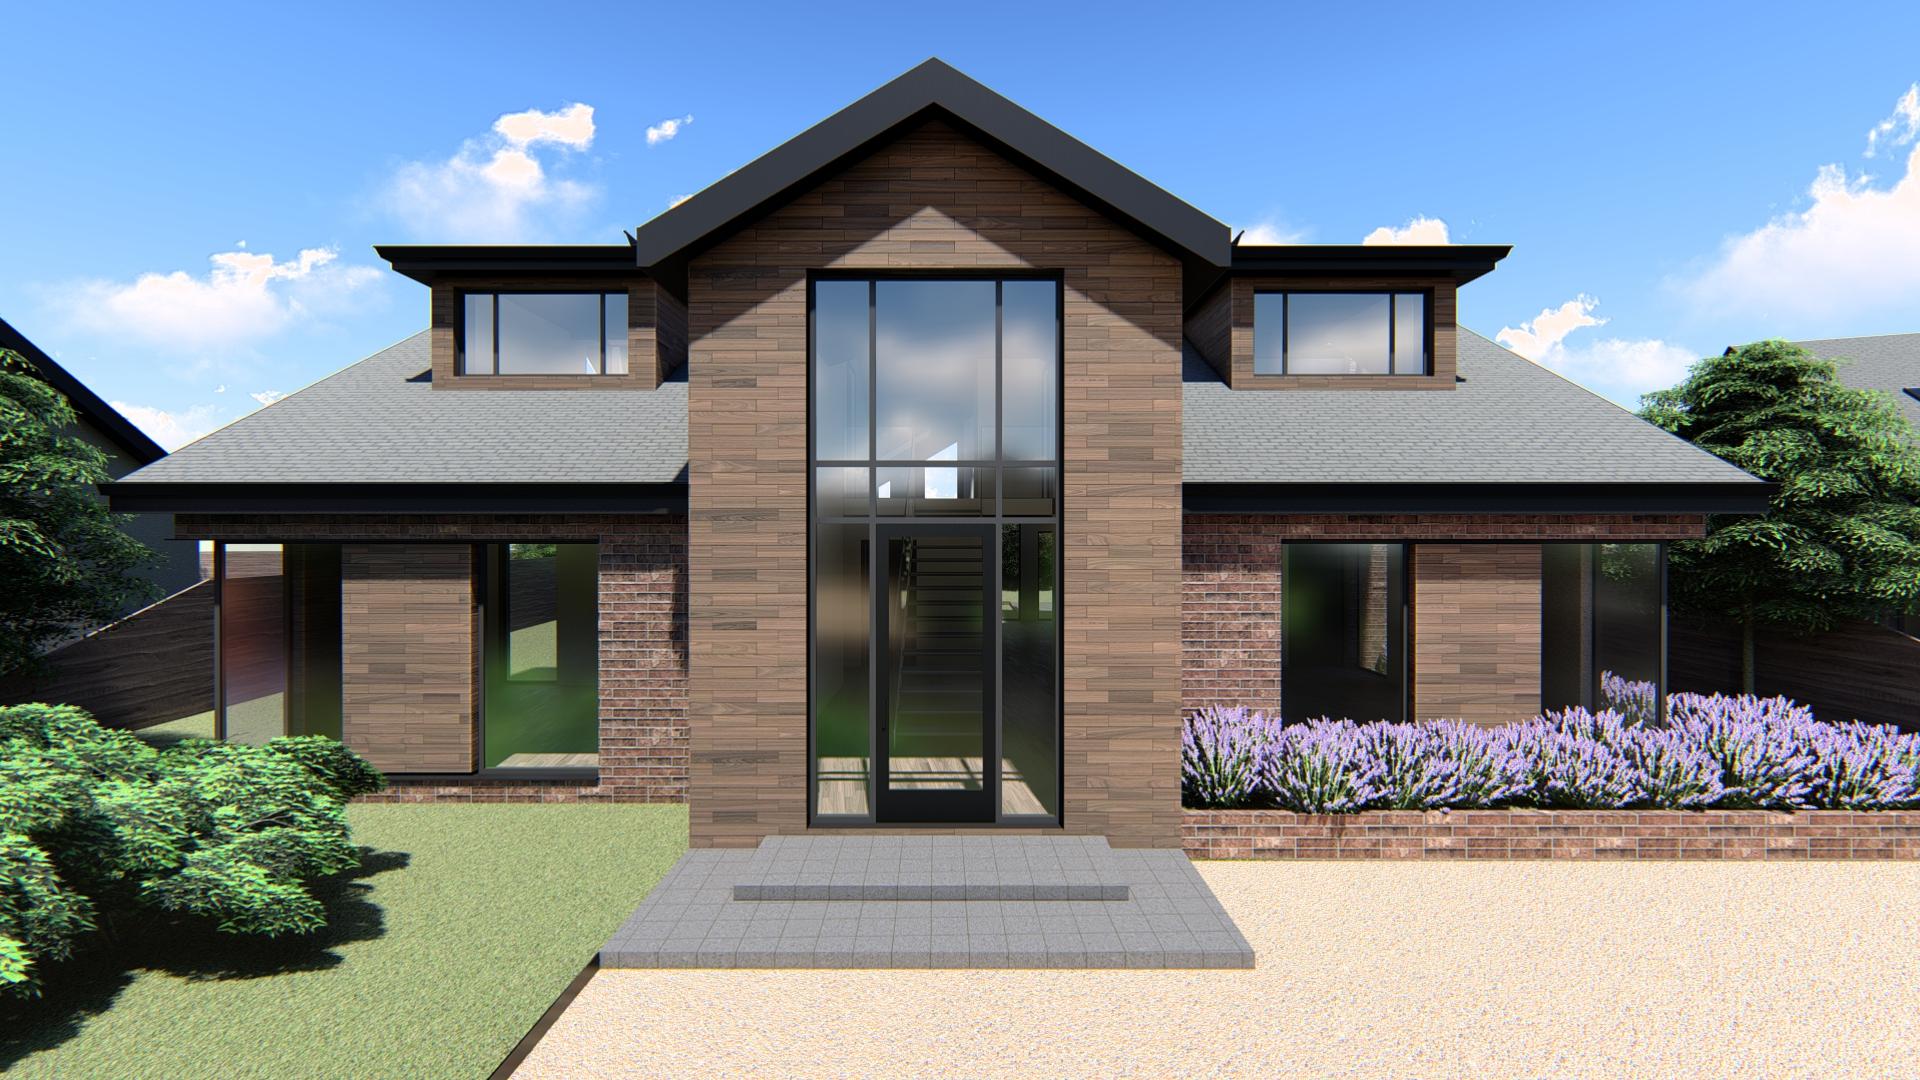 Carter-Zub Housing Development